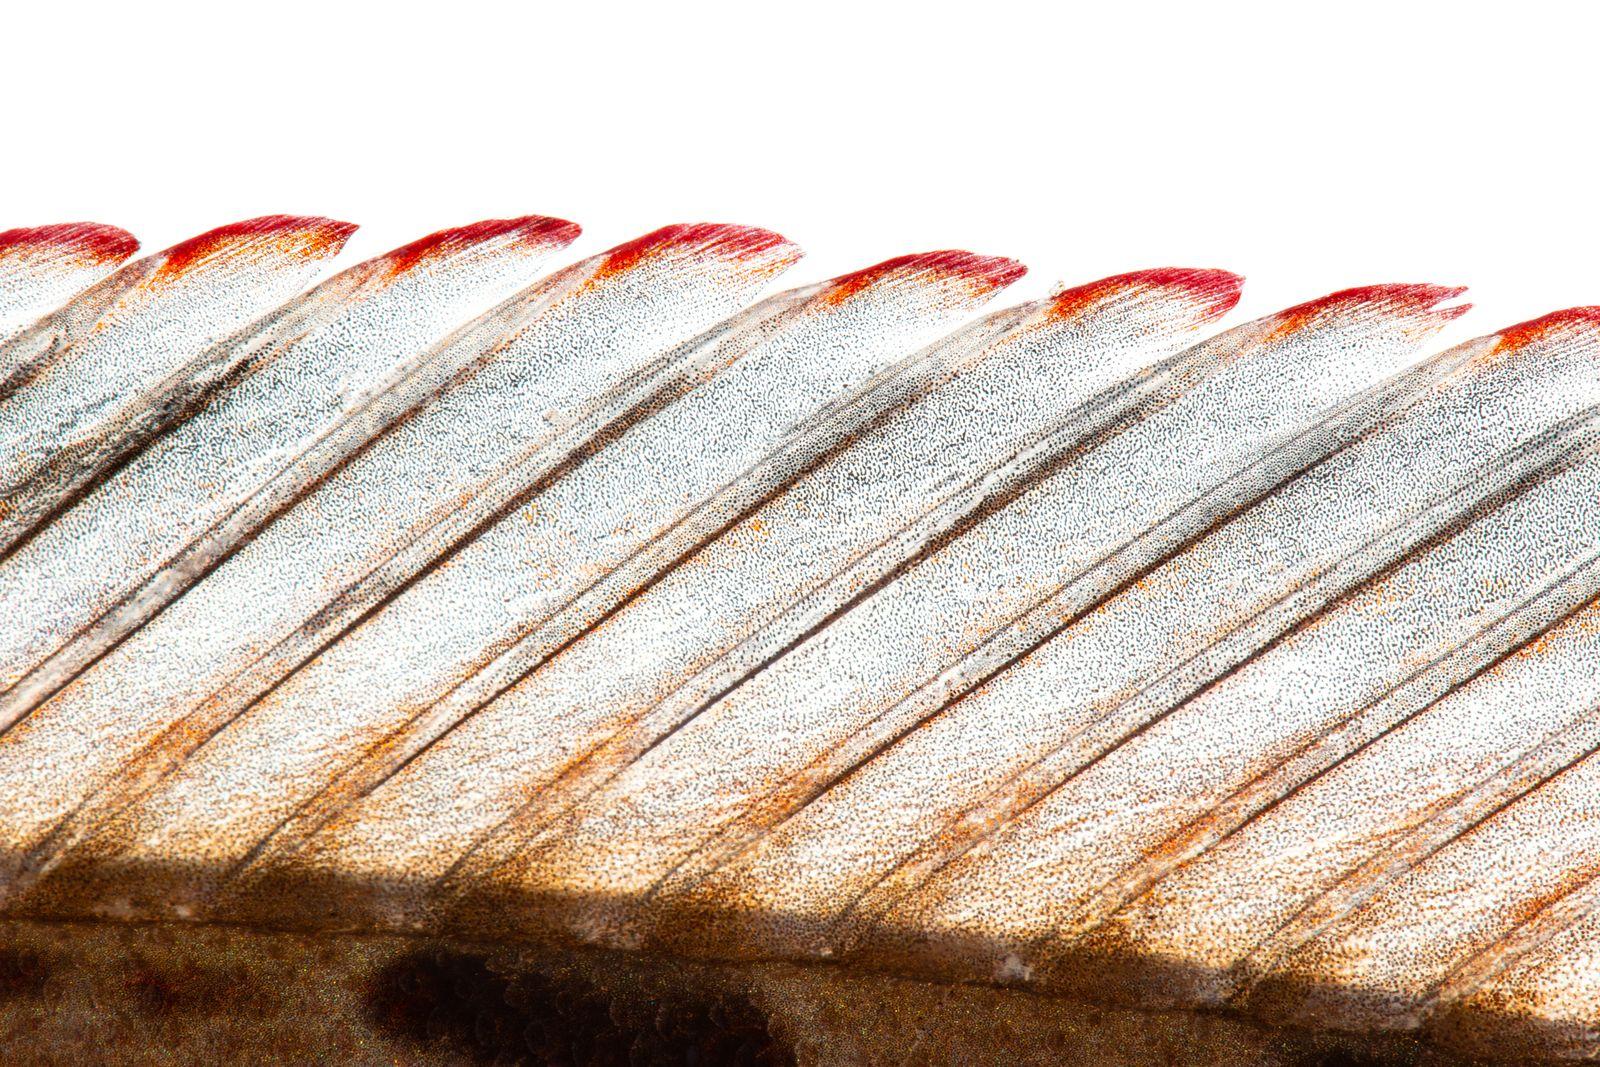 Imagen Detalle de aleta dorsal de Crecicichla lenticulata Cavfish